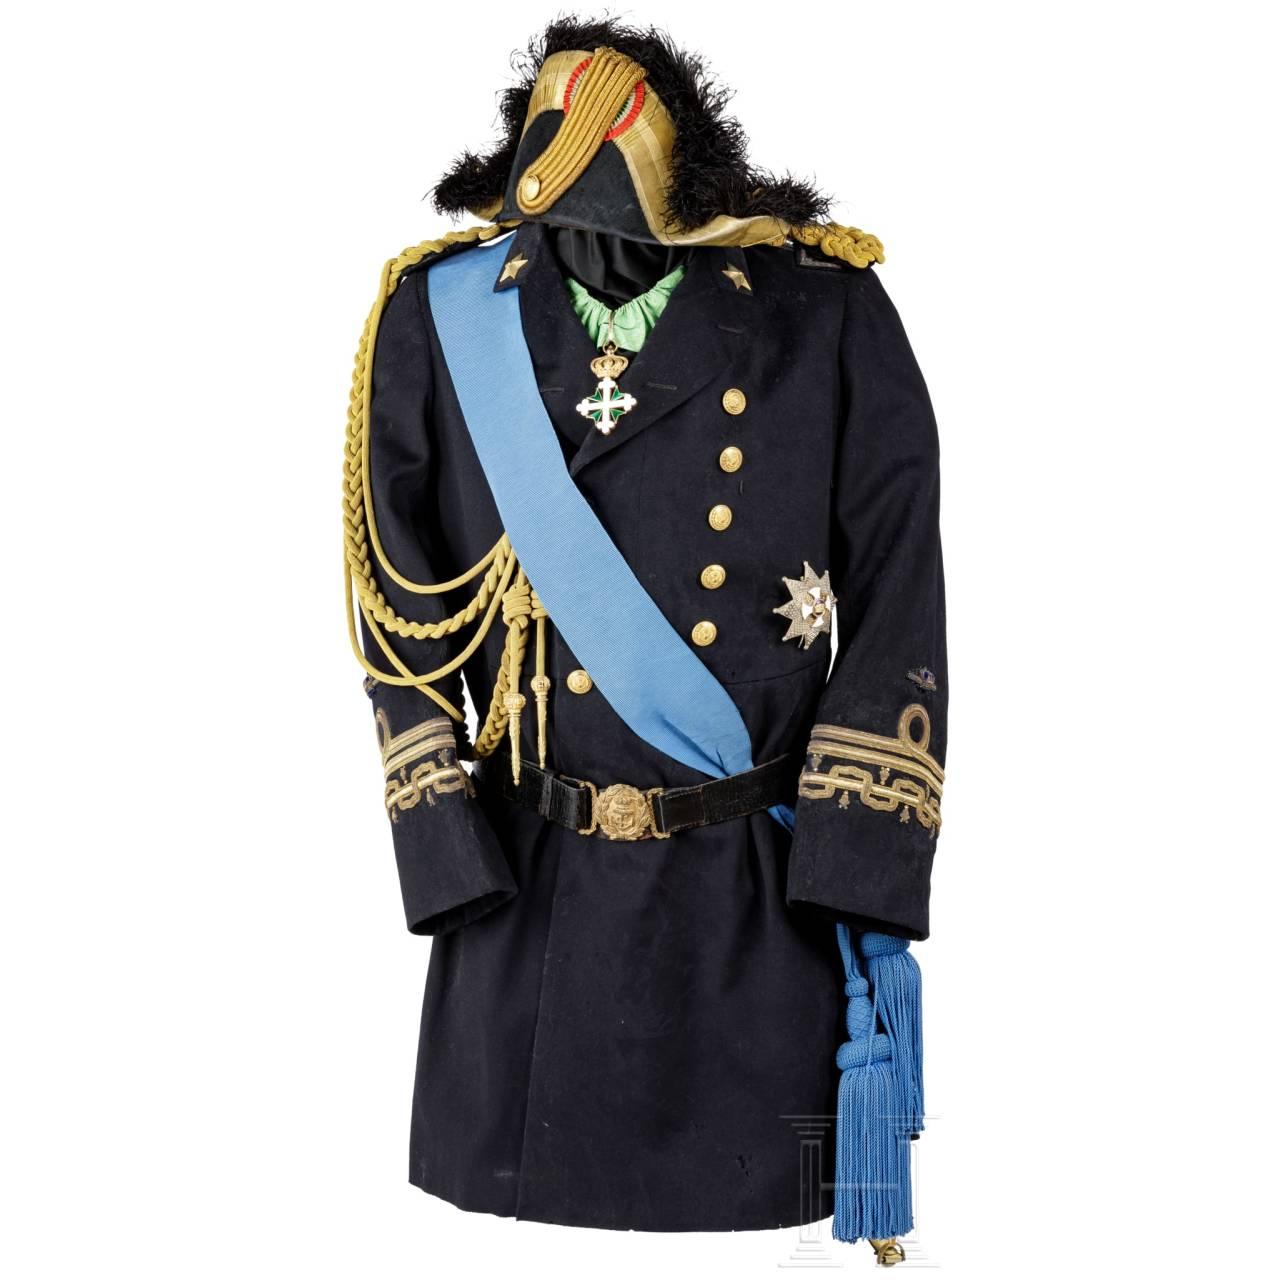 """Paradeuniform von Amero d'Aste (1853 – 1931), Admiral der Königlich Italienischen Marine """"Regia Marina"""""""